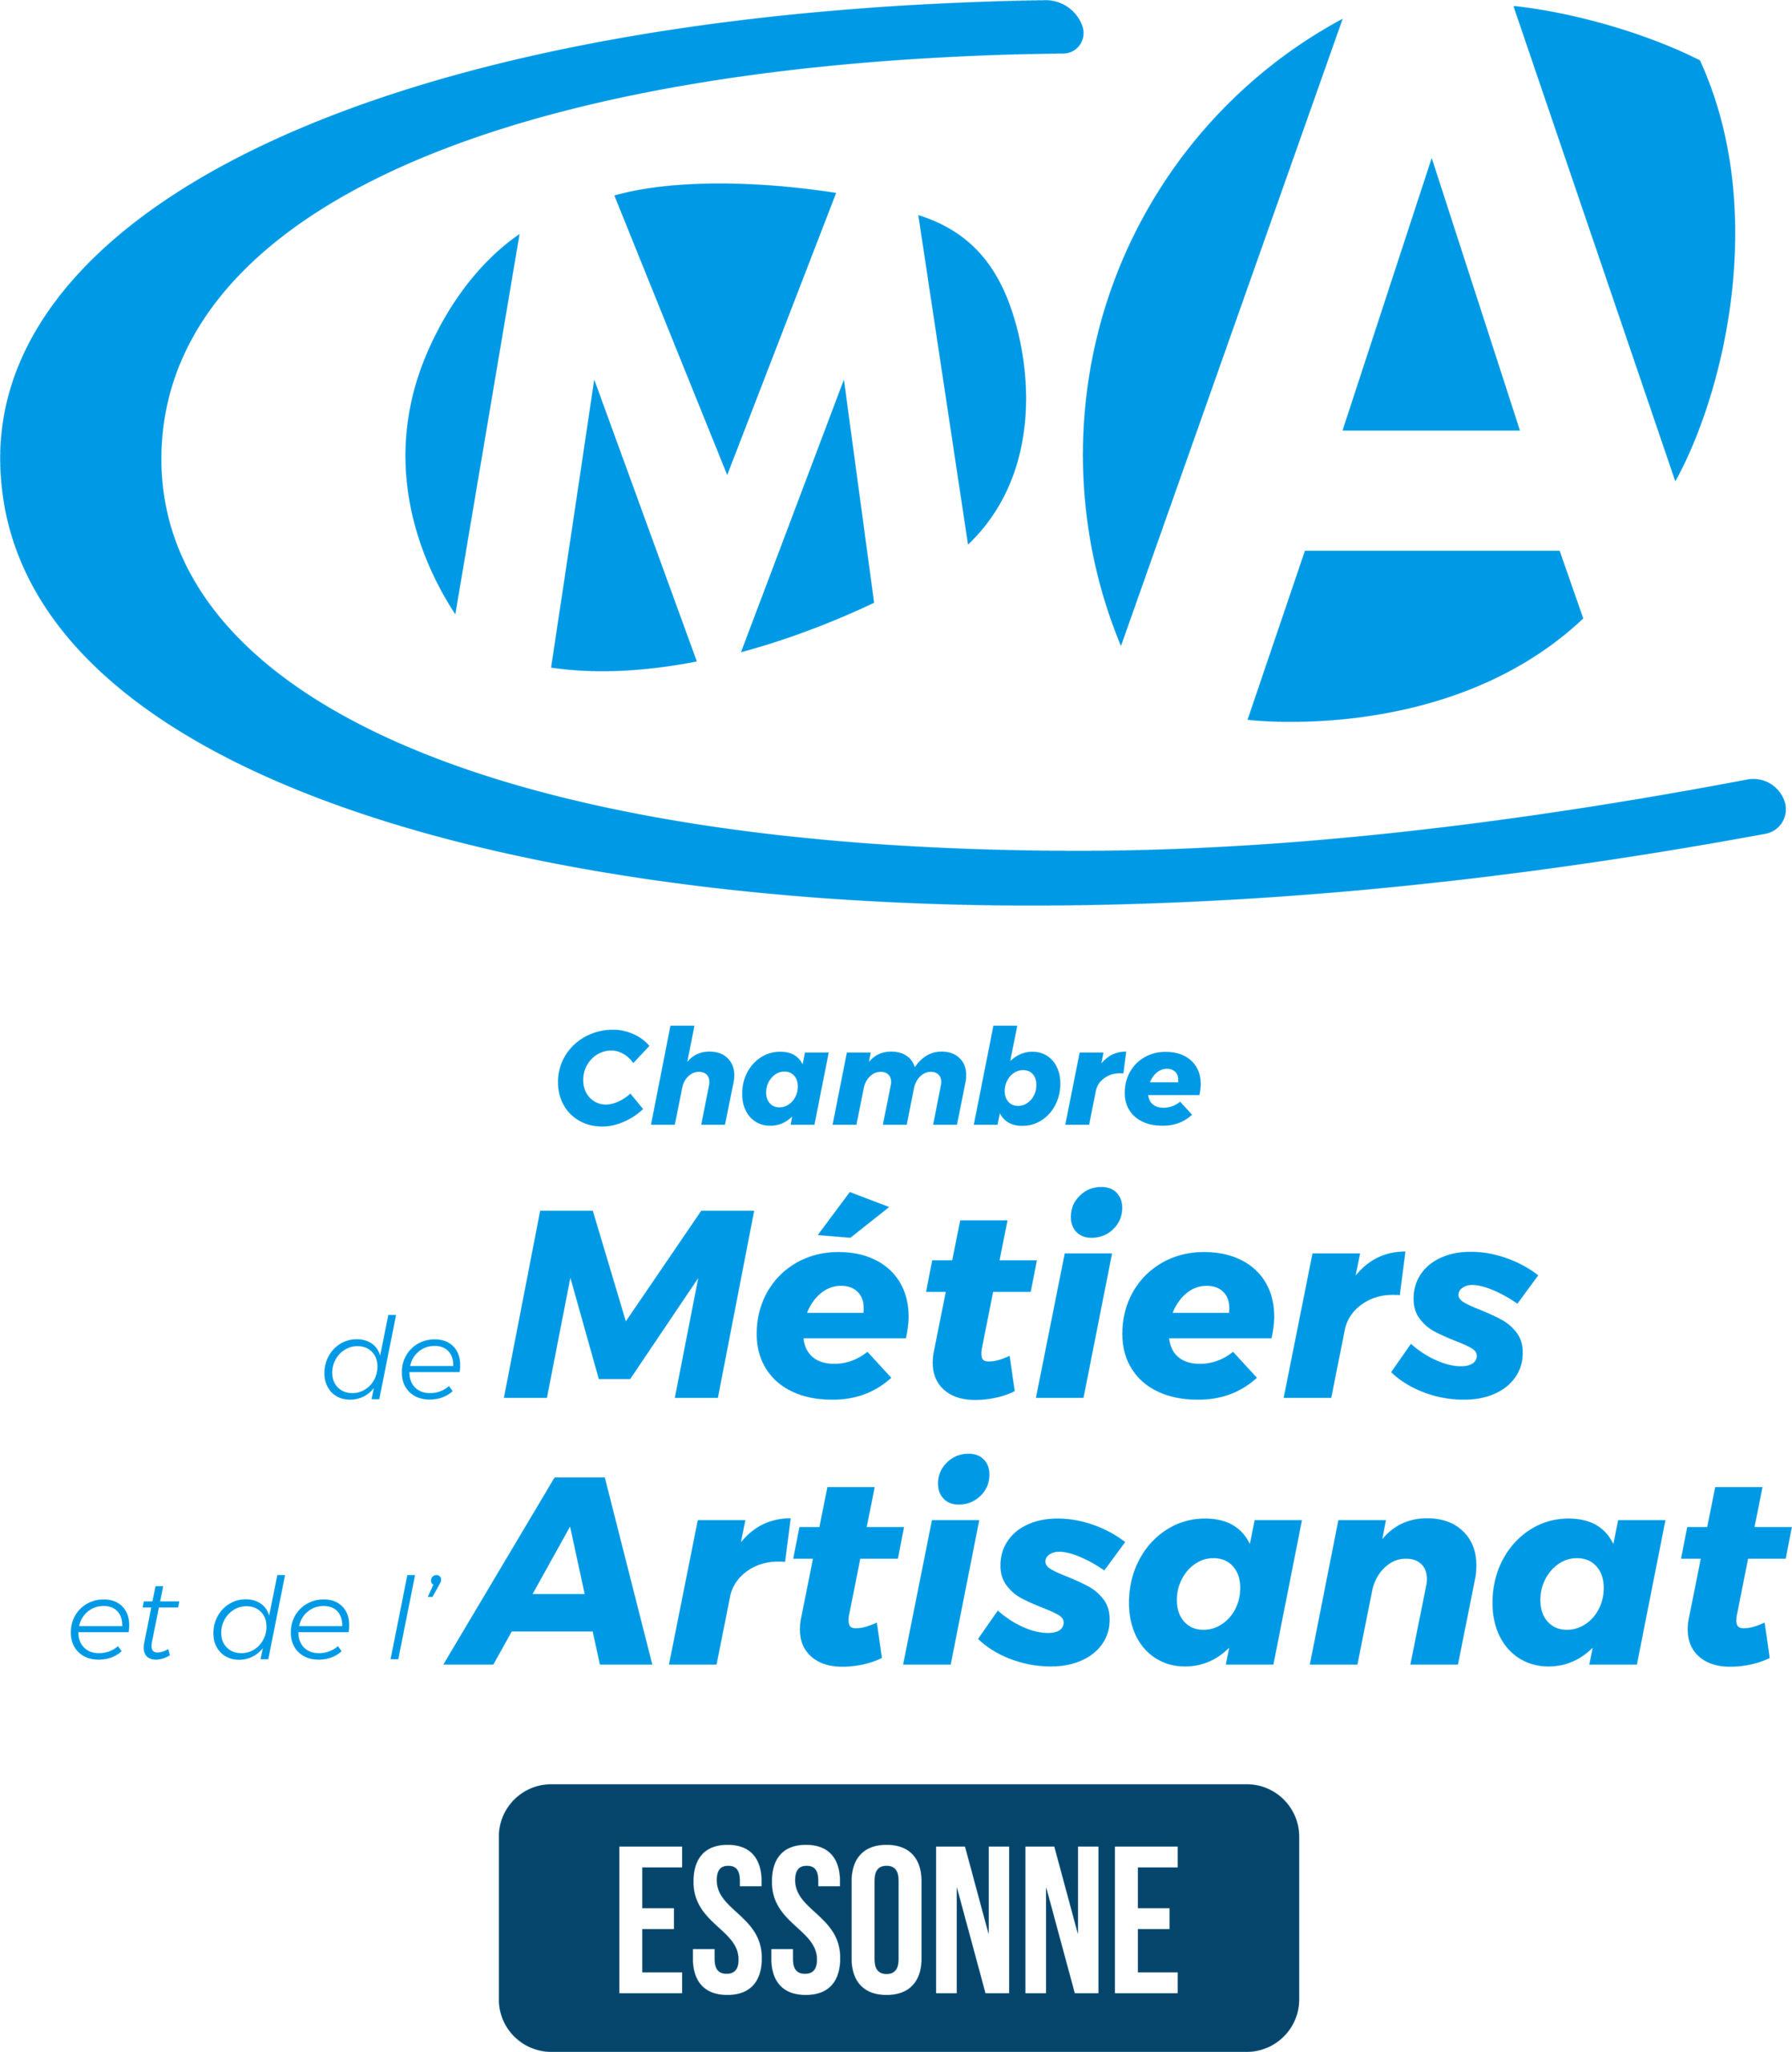 CMA91-logo